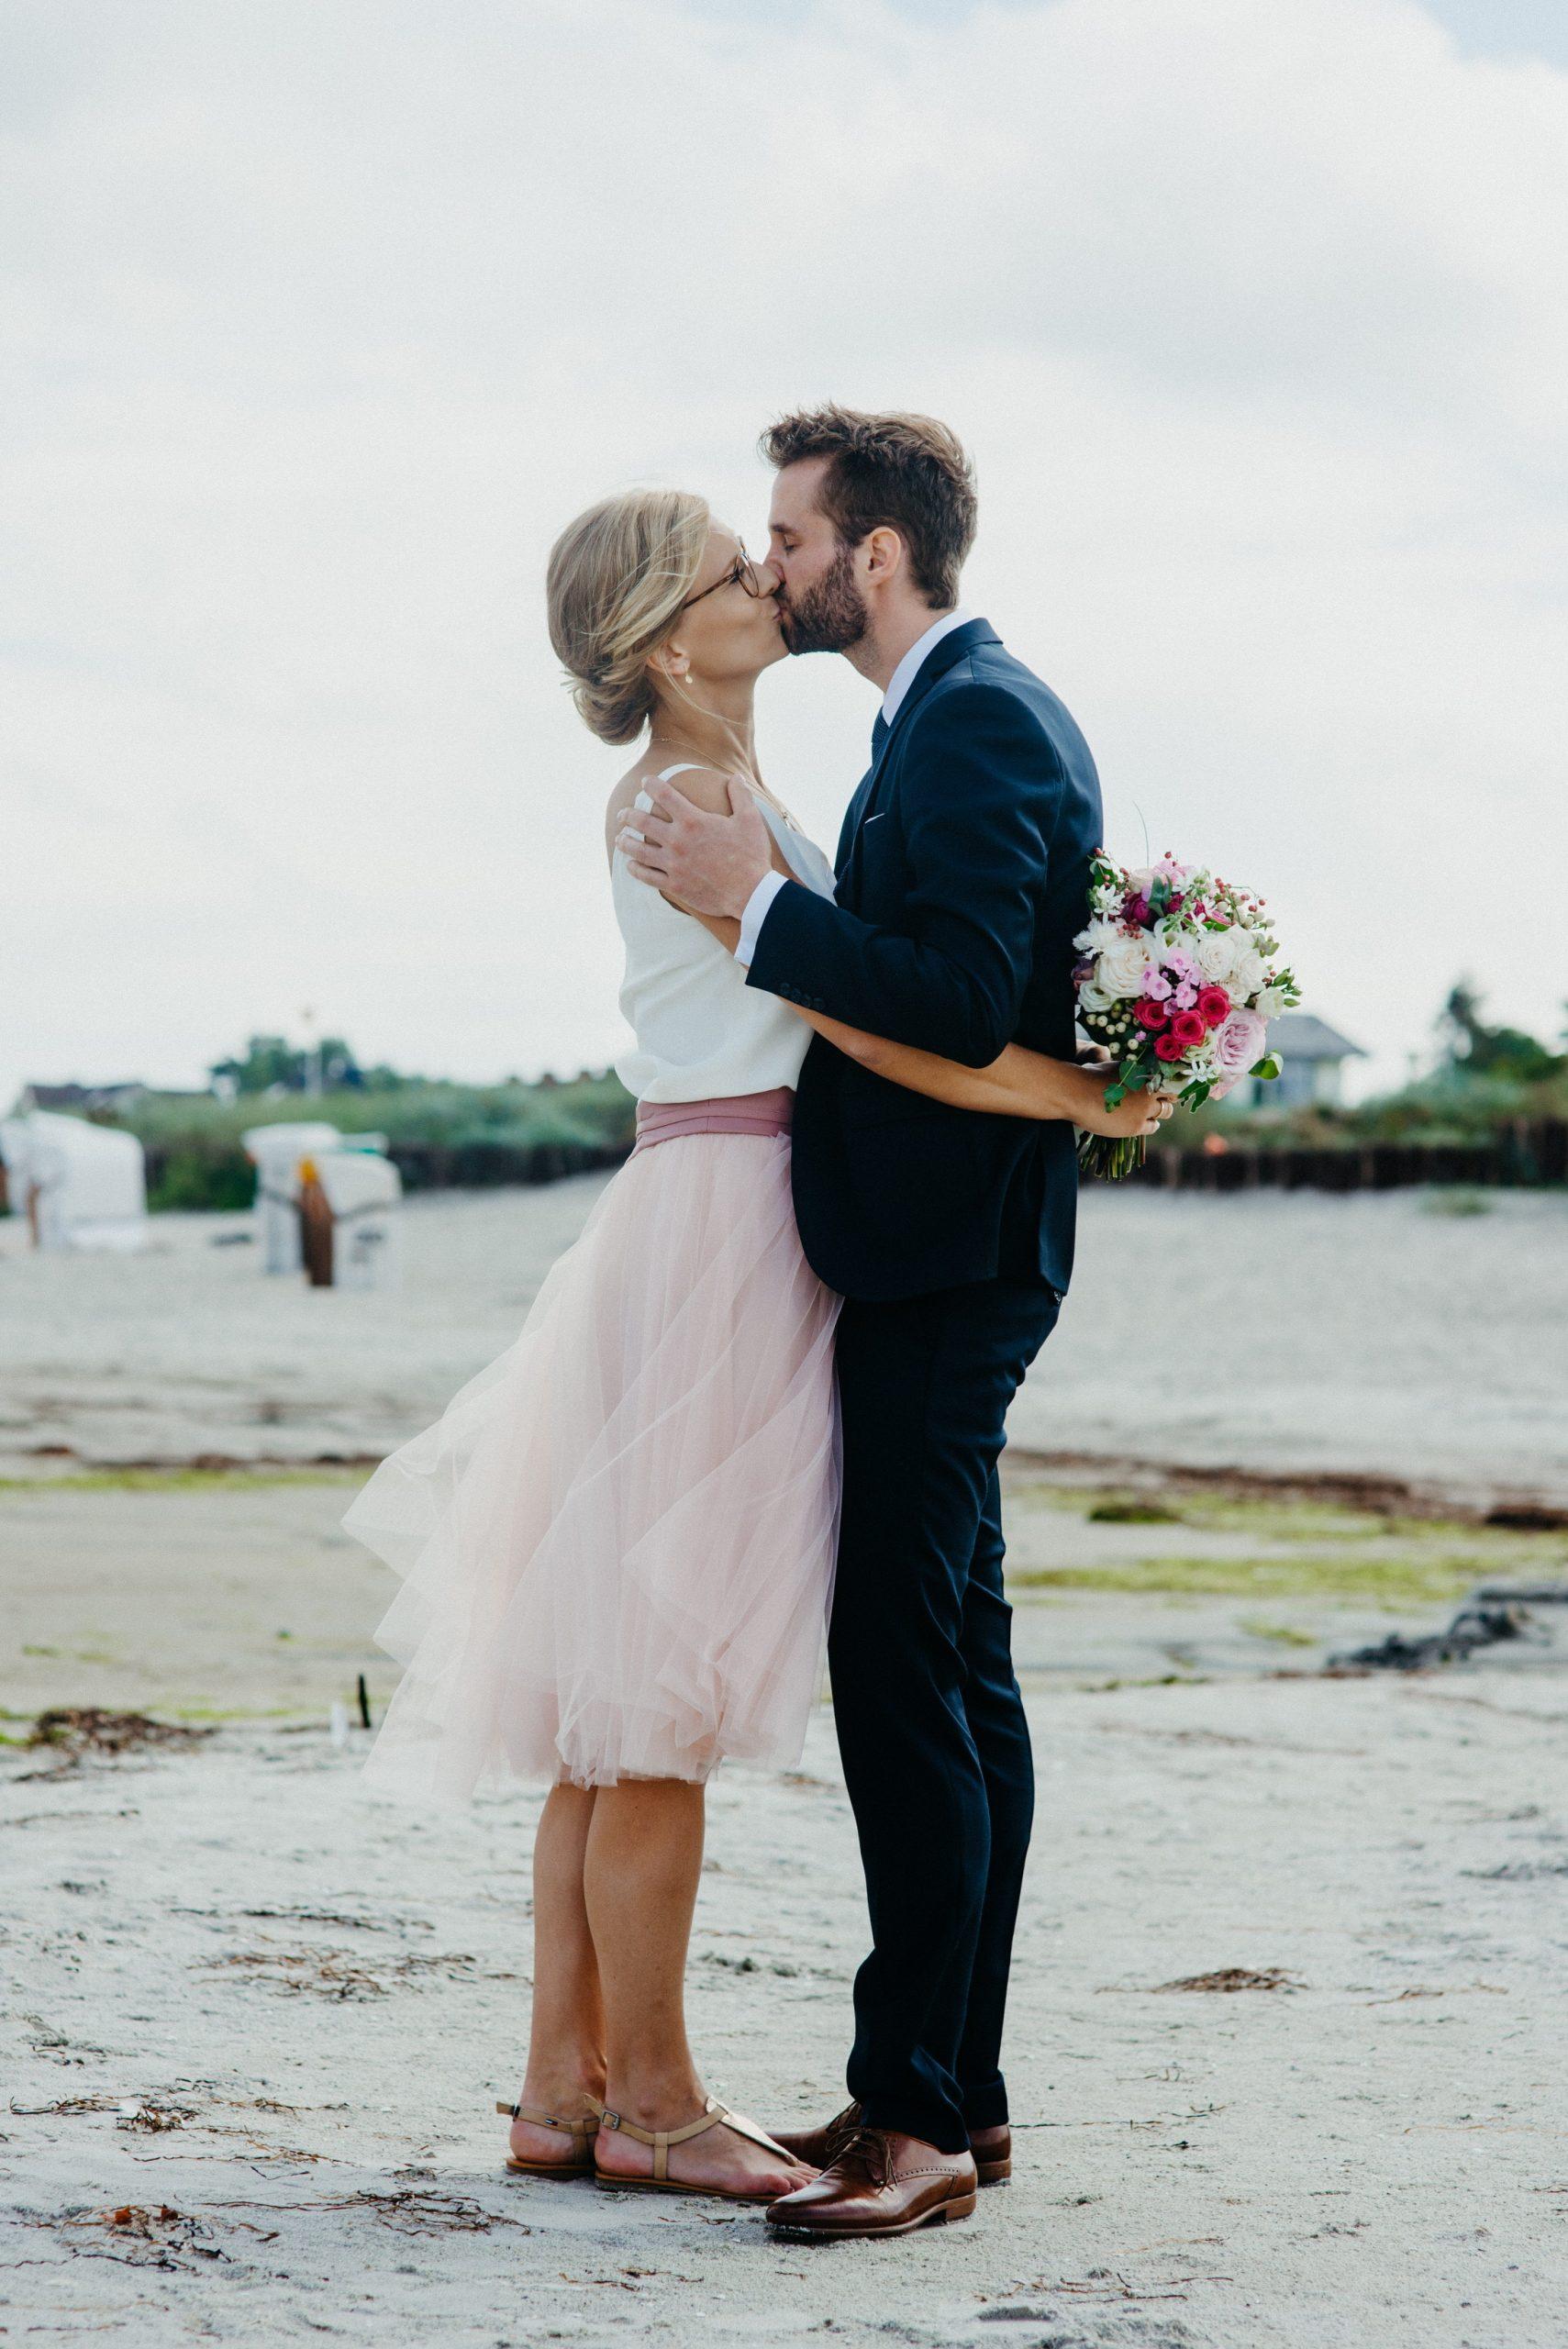 Standesamt-Brautkleid mit kurzem Tüllrock und Seidentop am Strand, Brautpaar